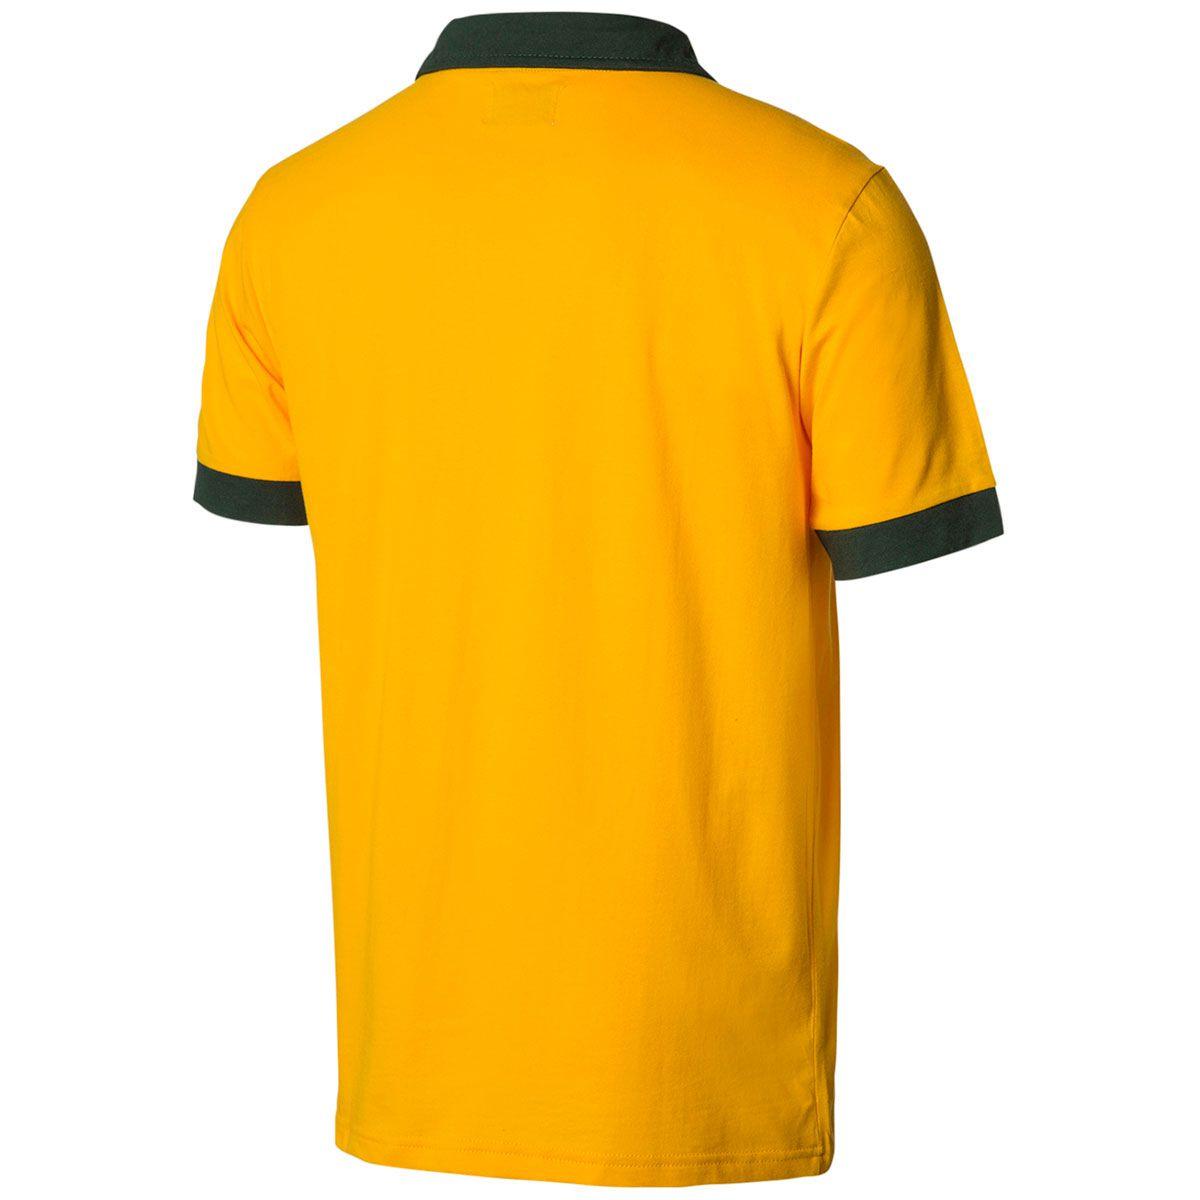 Camisa Polo Retrô Gol Fortaleza Seleção Brasil Torcedor